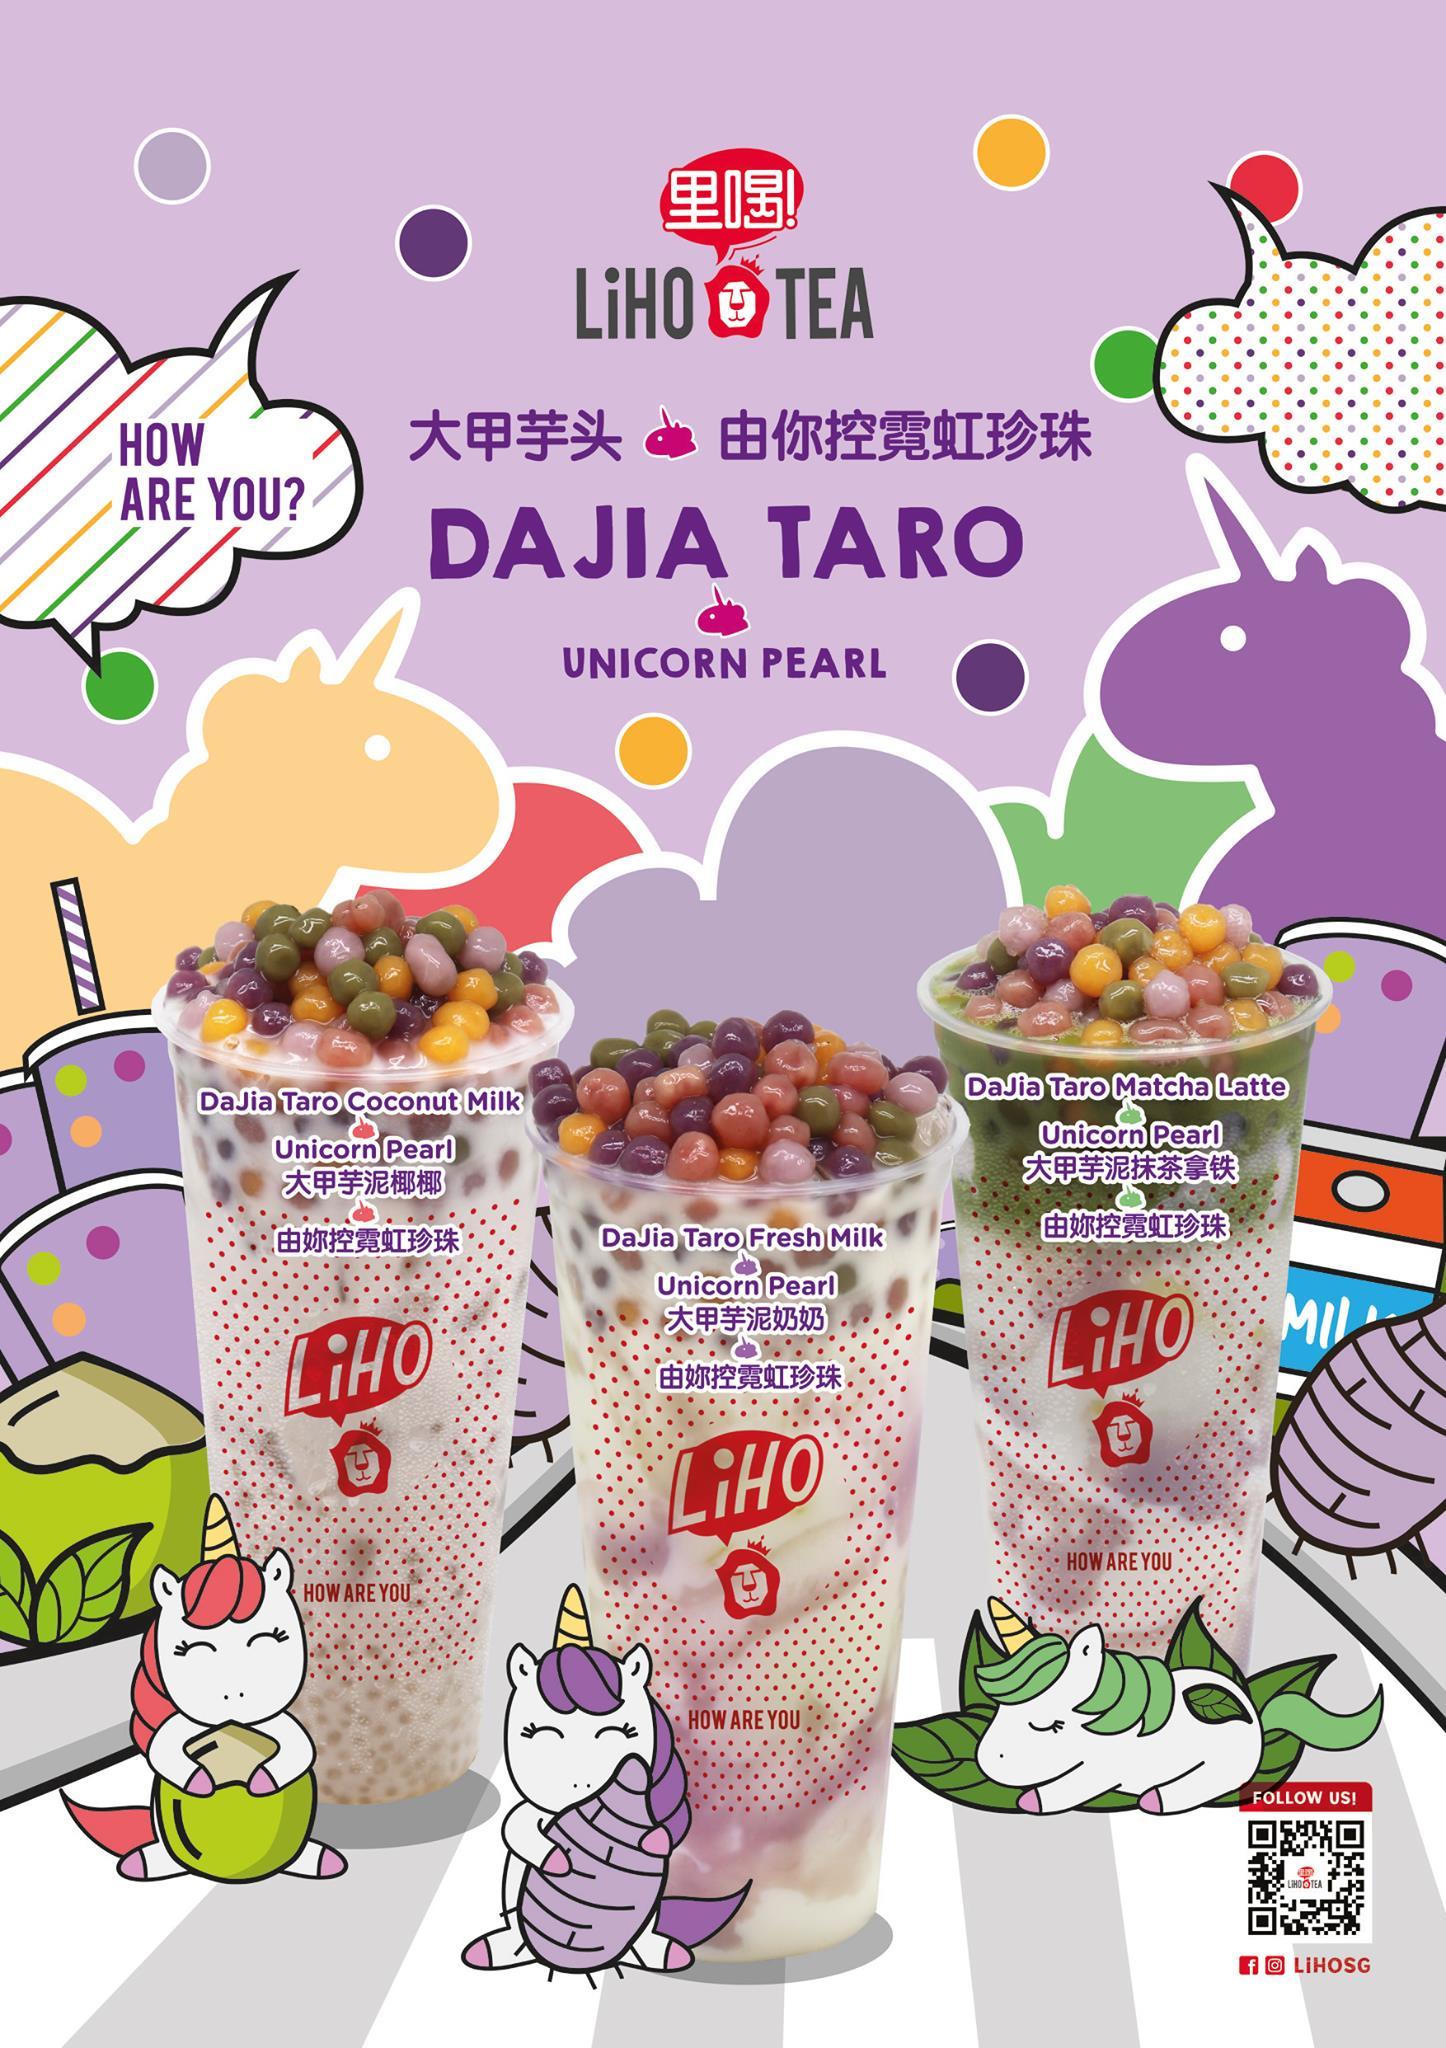 LiHo Menu: Dajia Taro with Unicorn Pearls